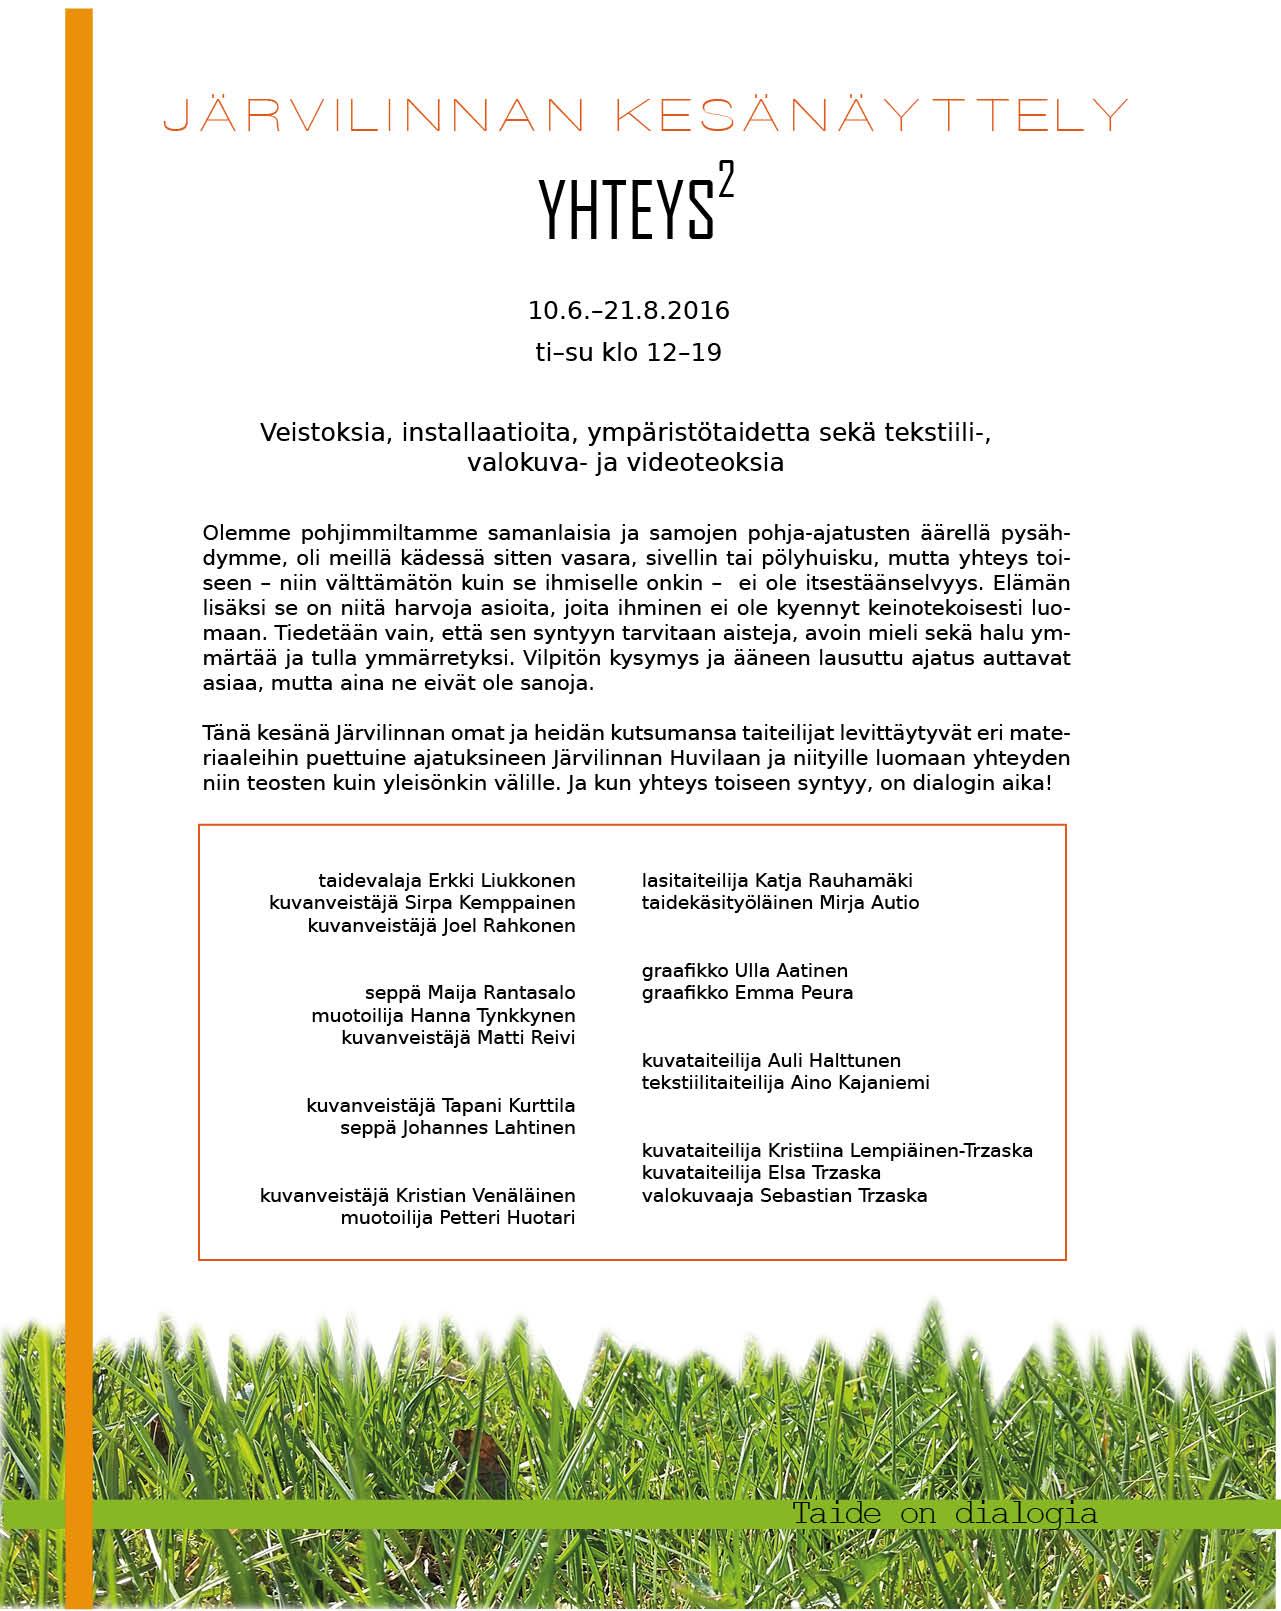 Info sivu kesänäyttelystä